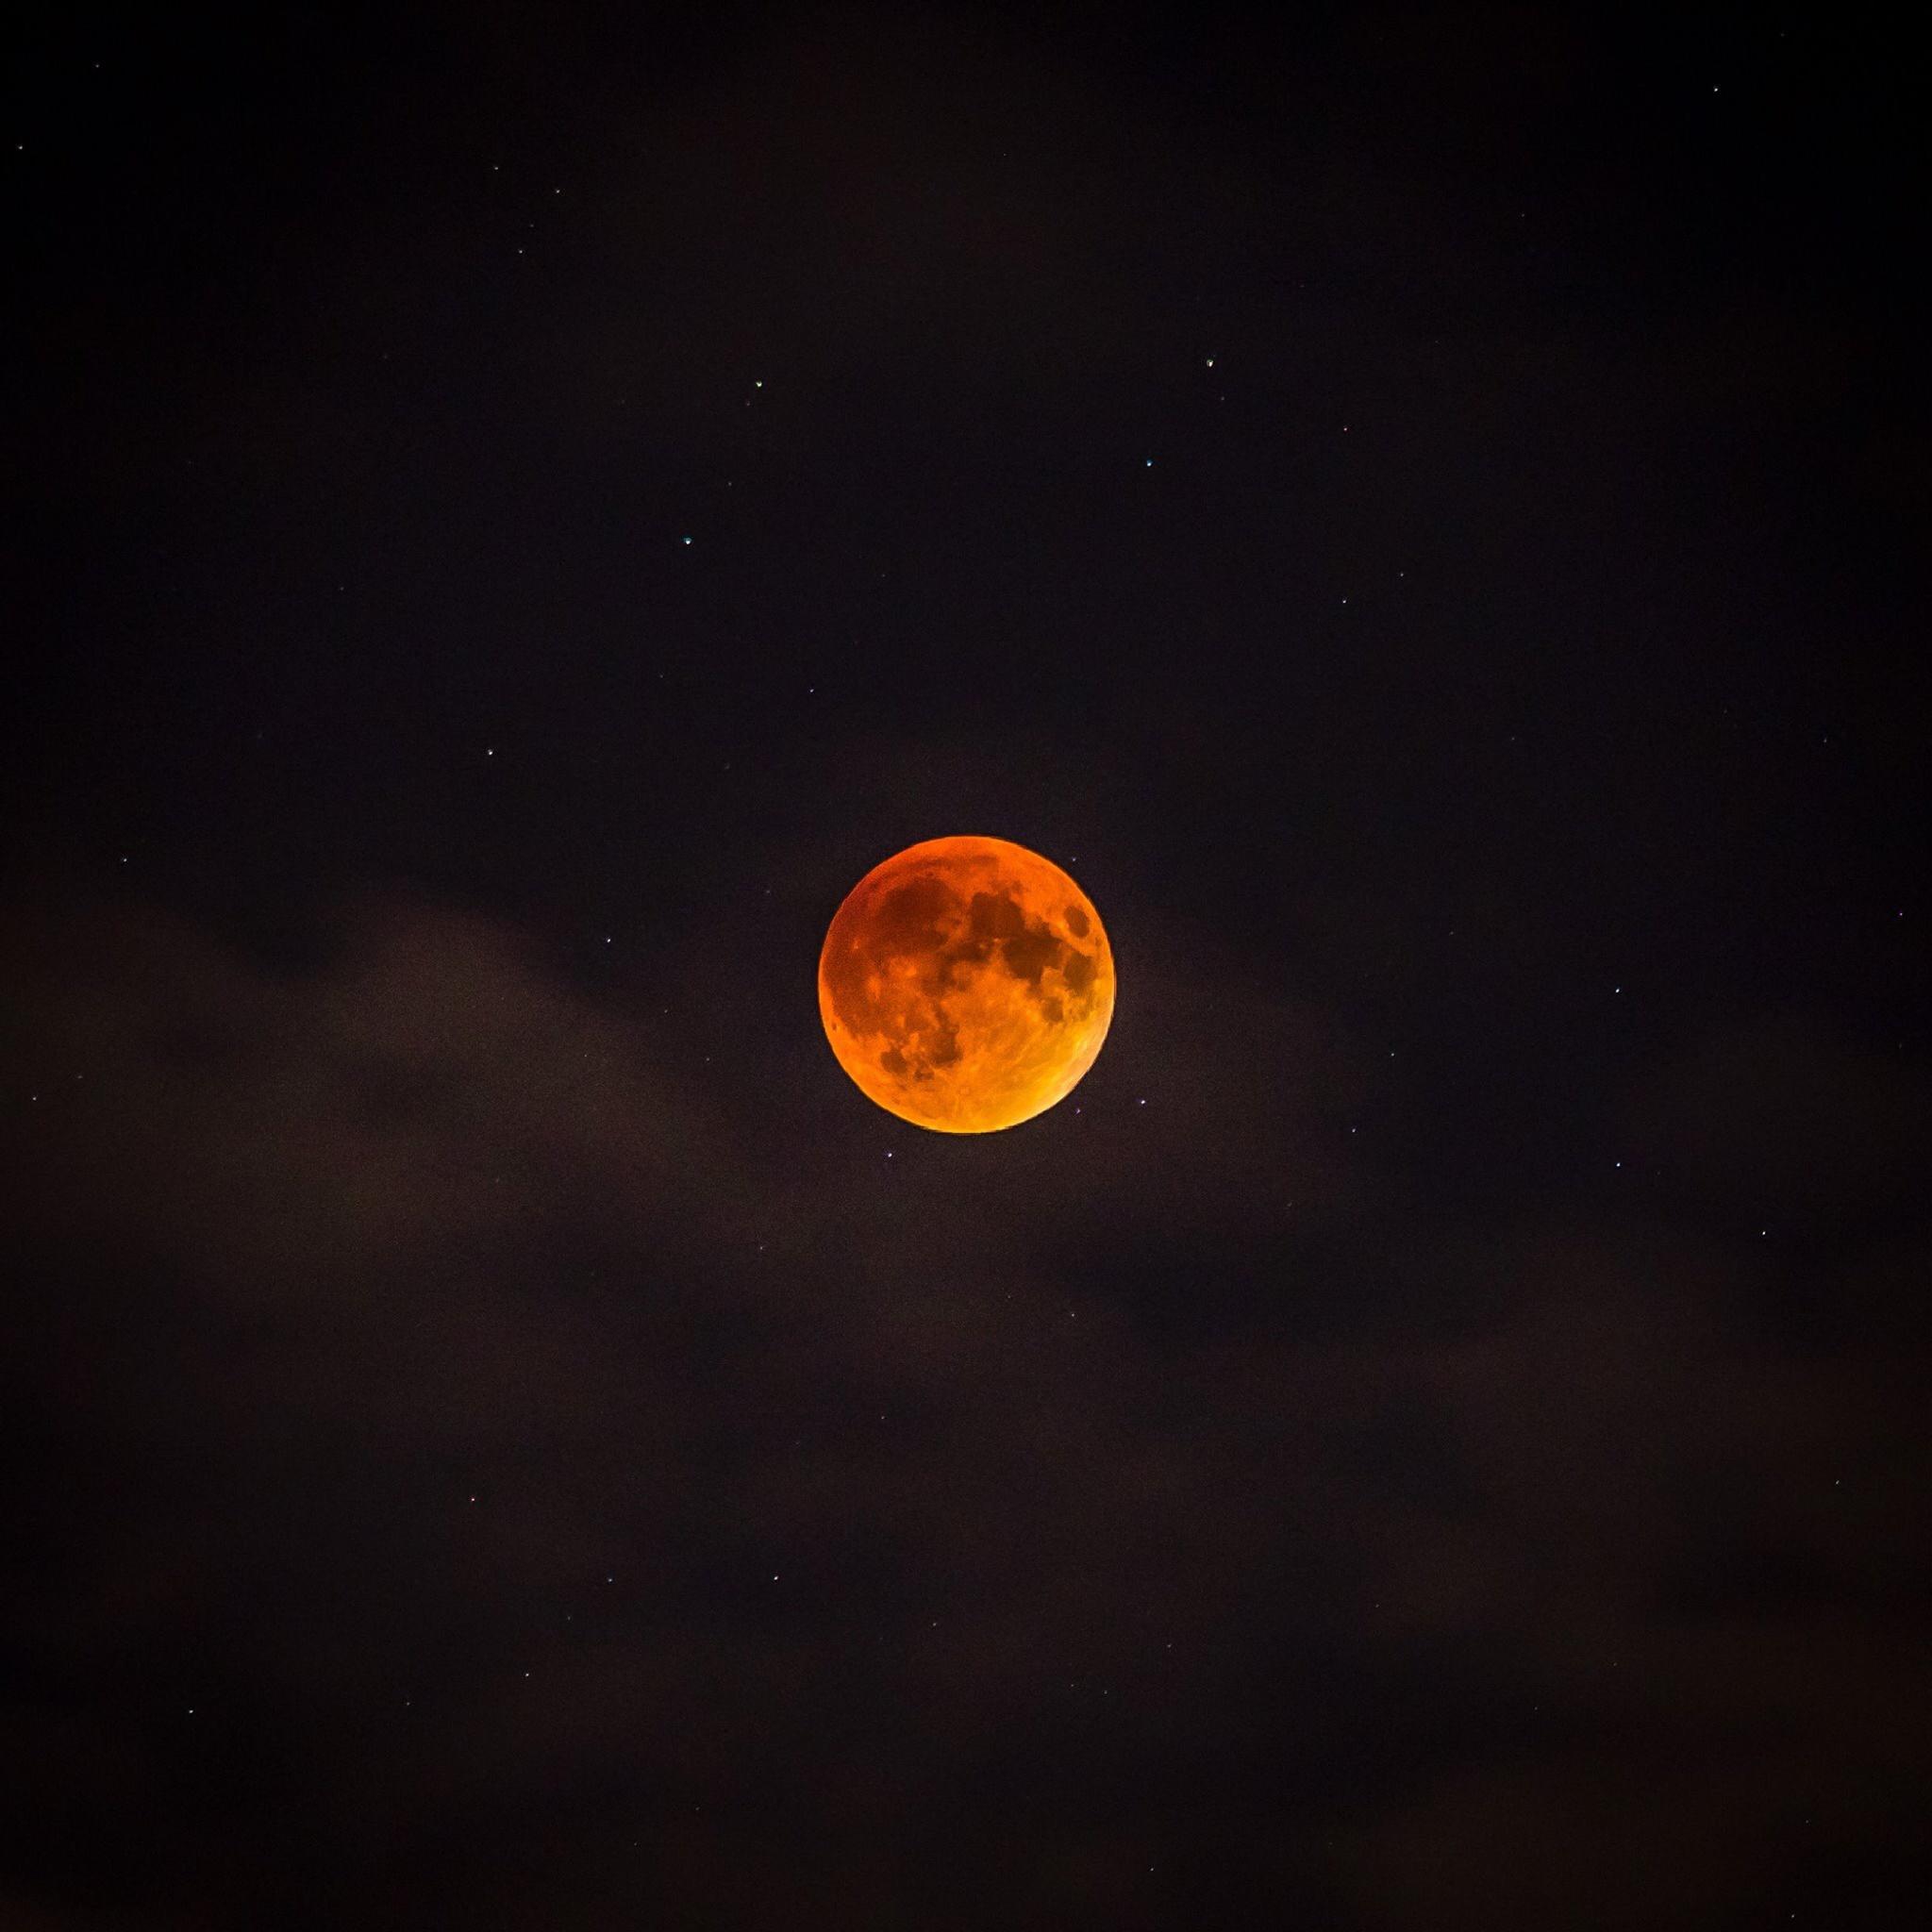 Blood Red Moon by gotshotphoto